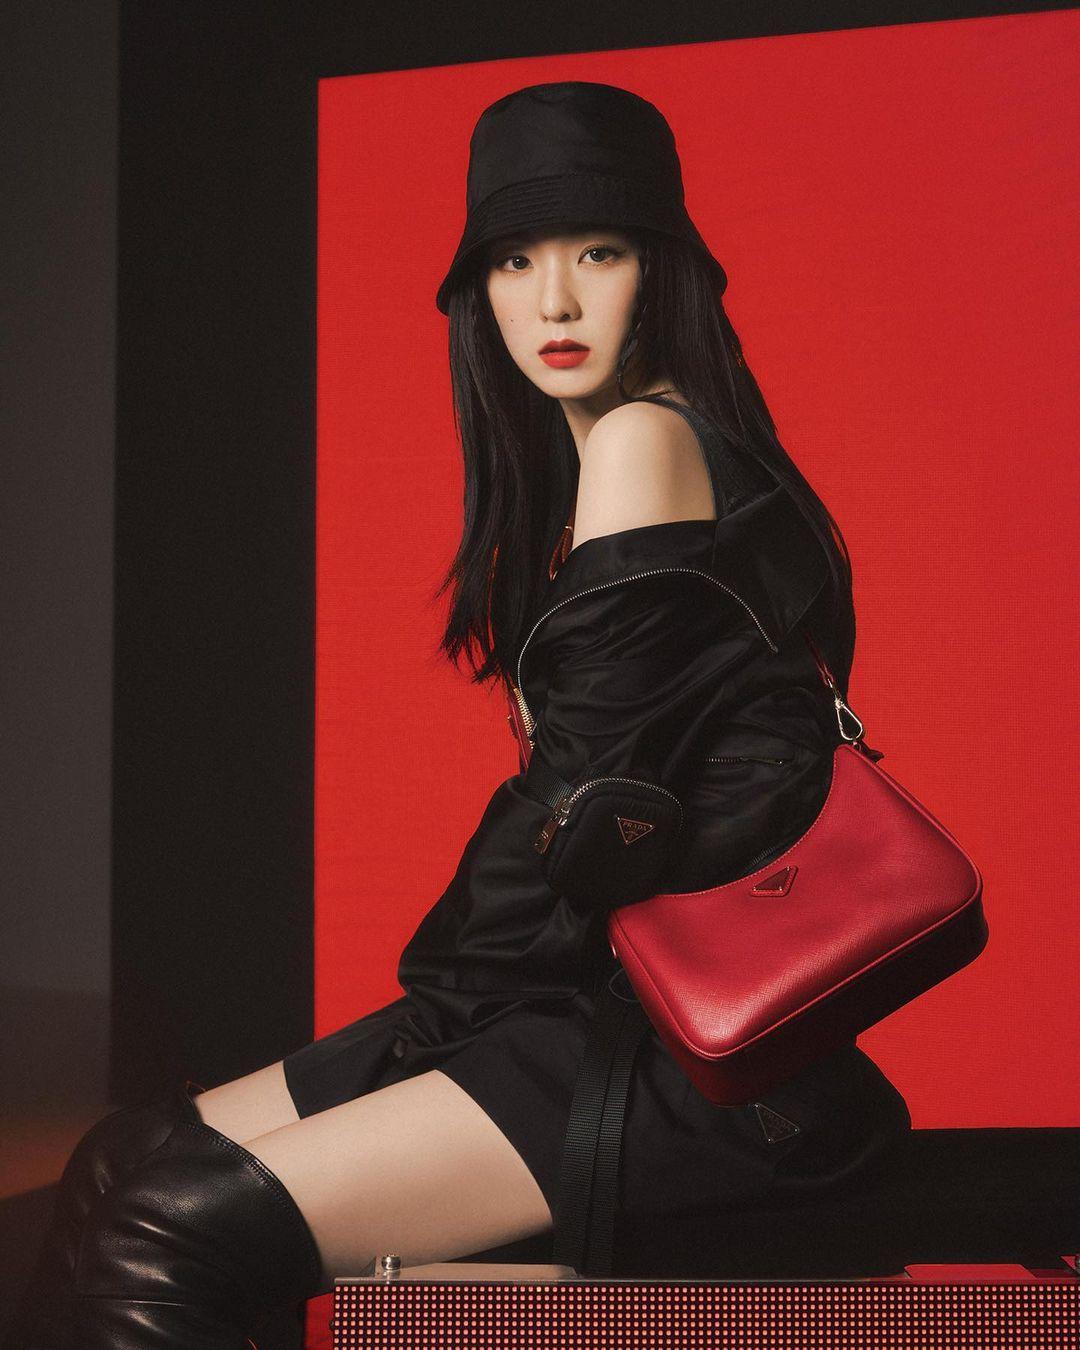 Red Velvet's Irene for Prada